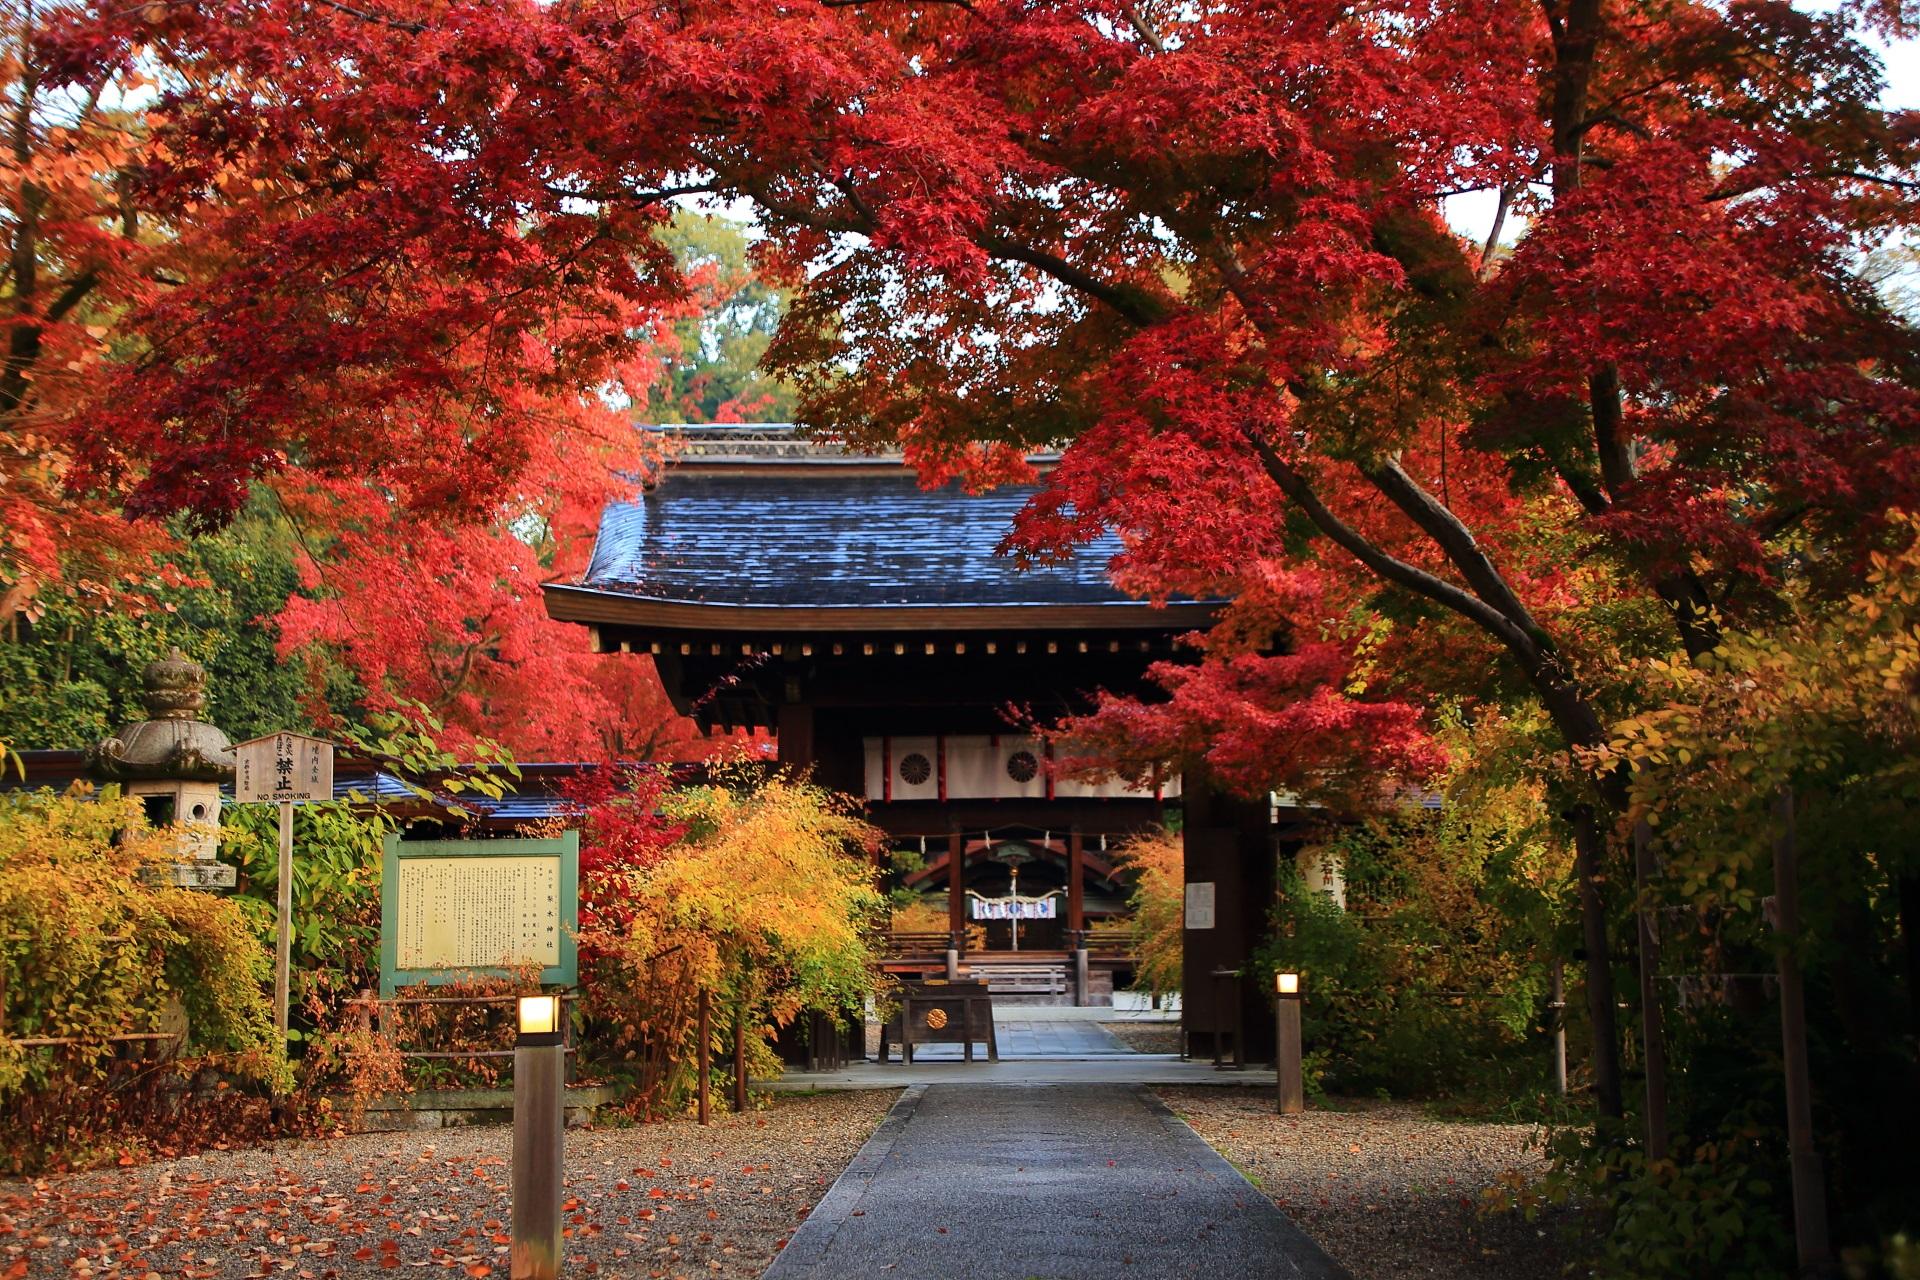 燃えるような真っ赤な紅葉と淡く色づいた萩につつまれる神門